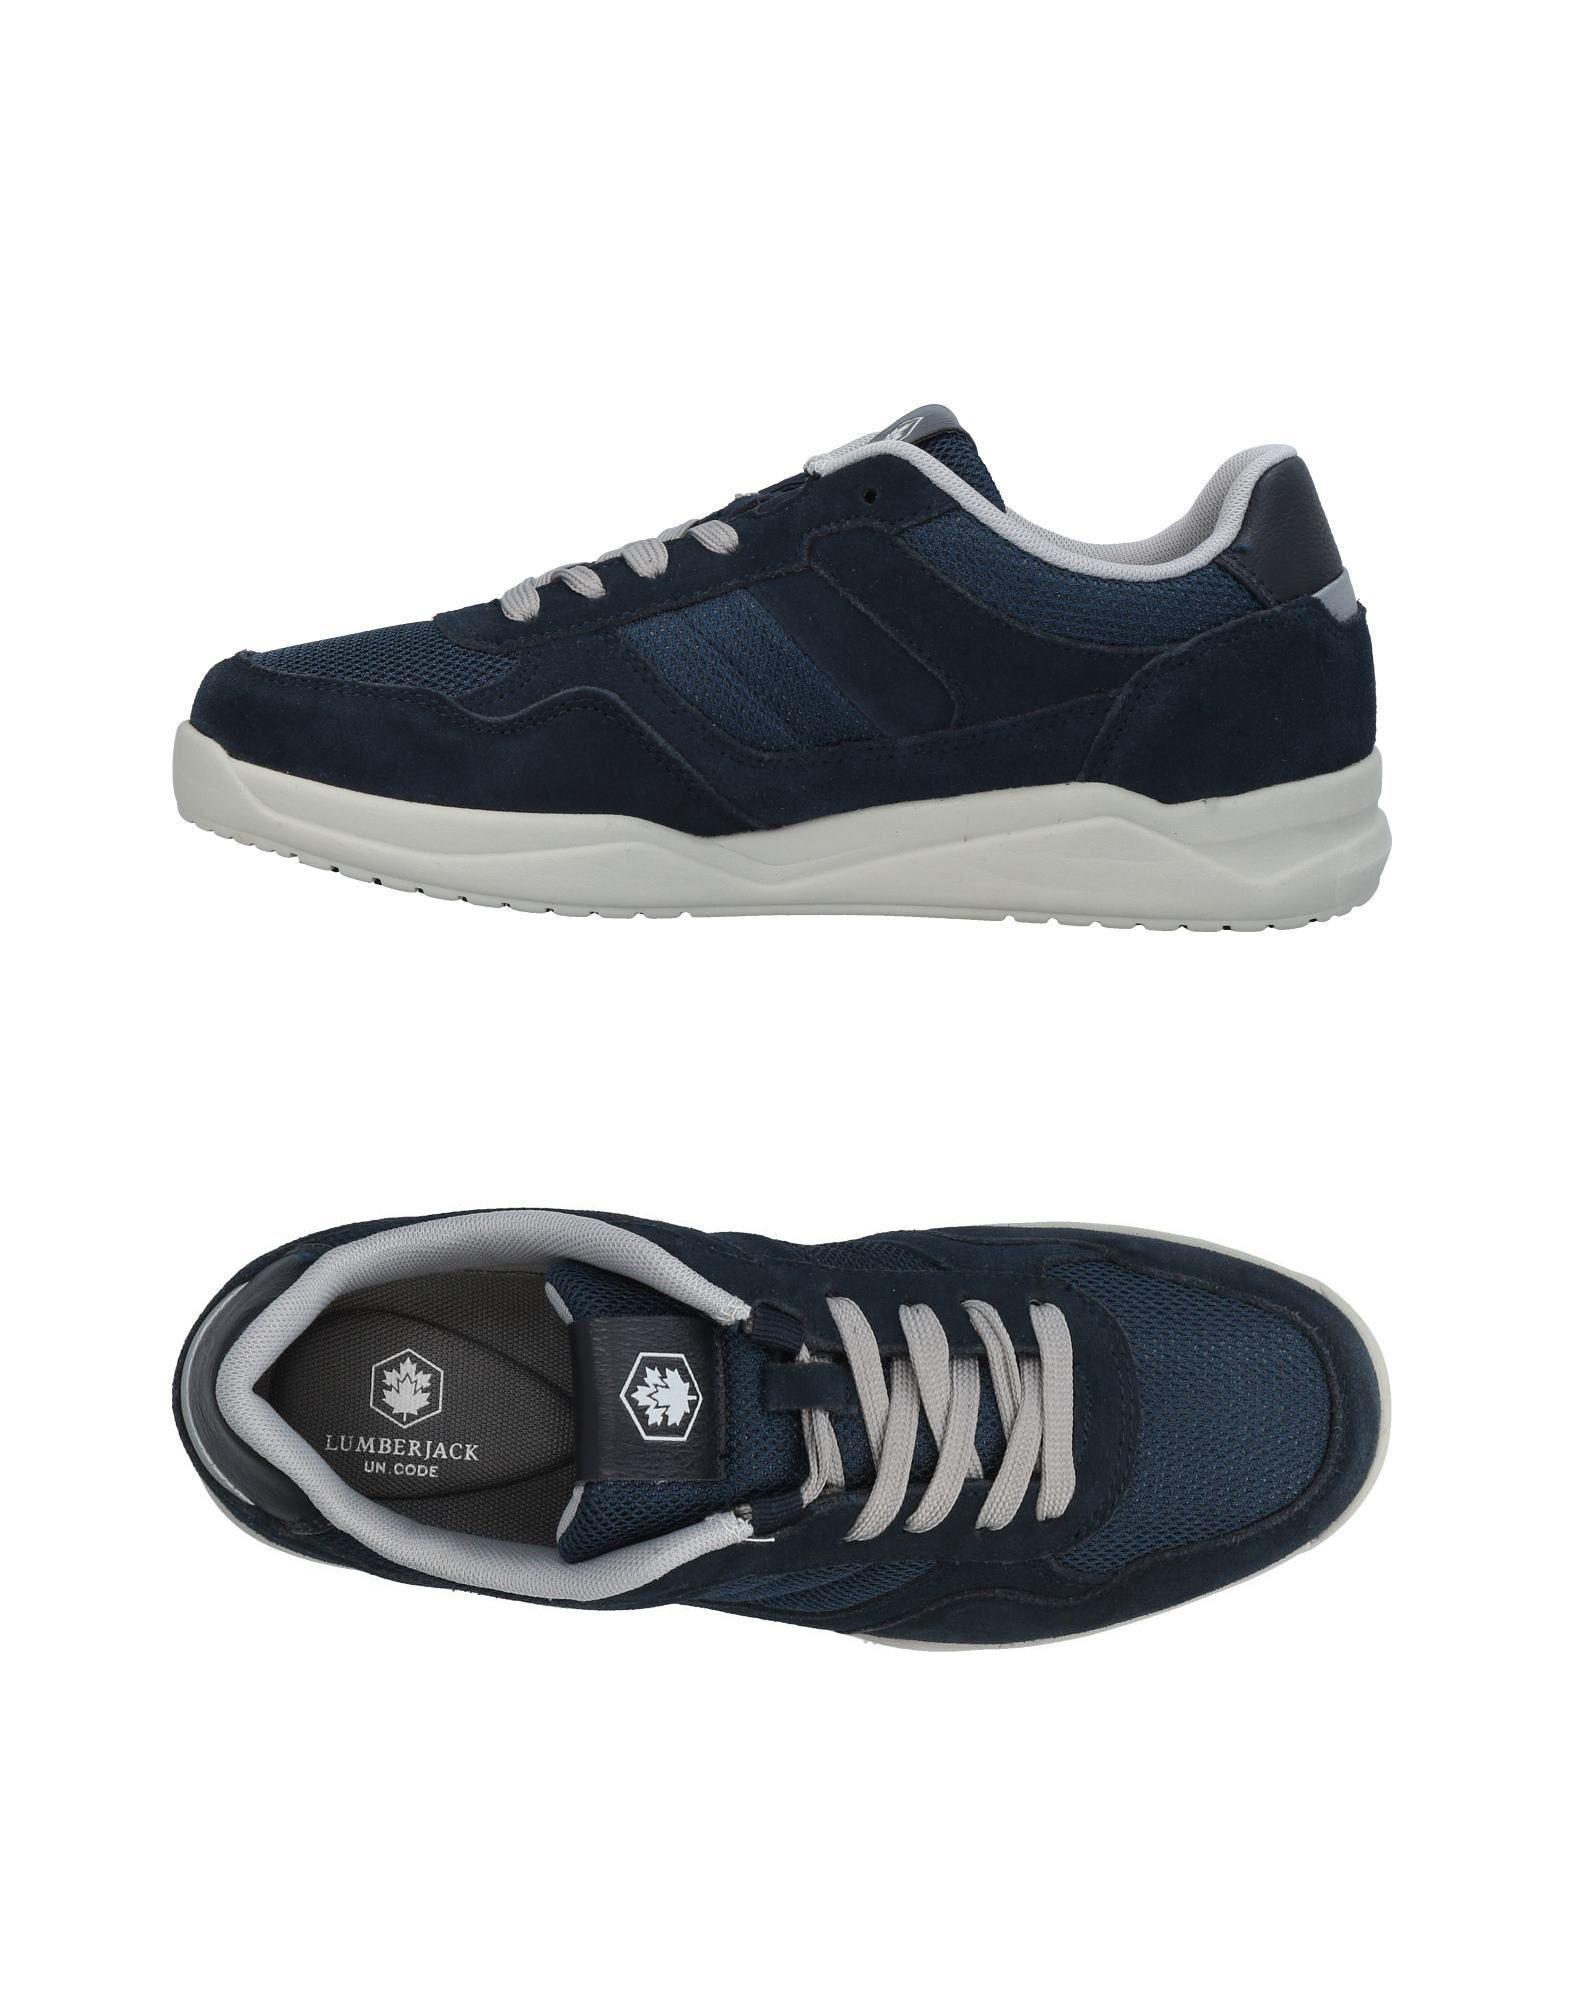 FOOTWEAR - Low-tops & sneakers Lumberjack G09zUC